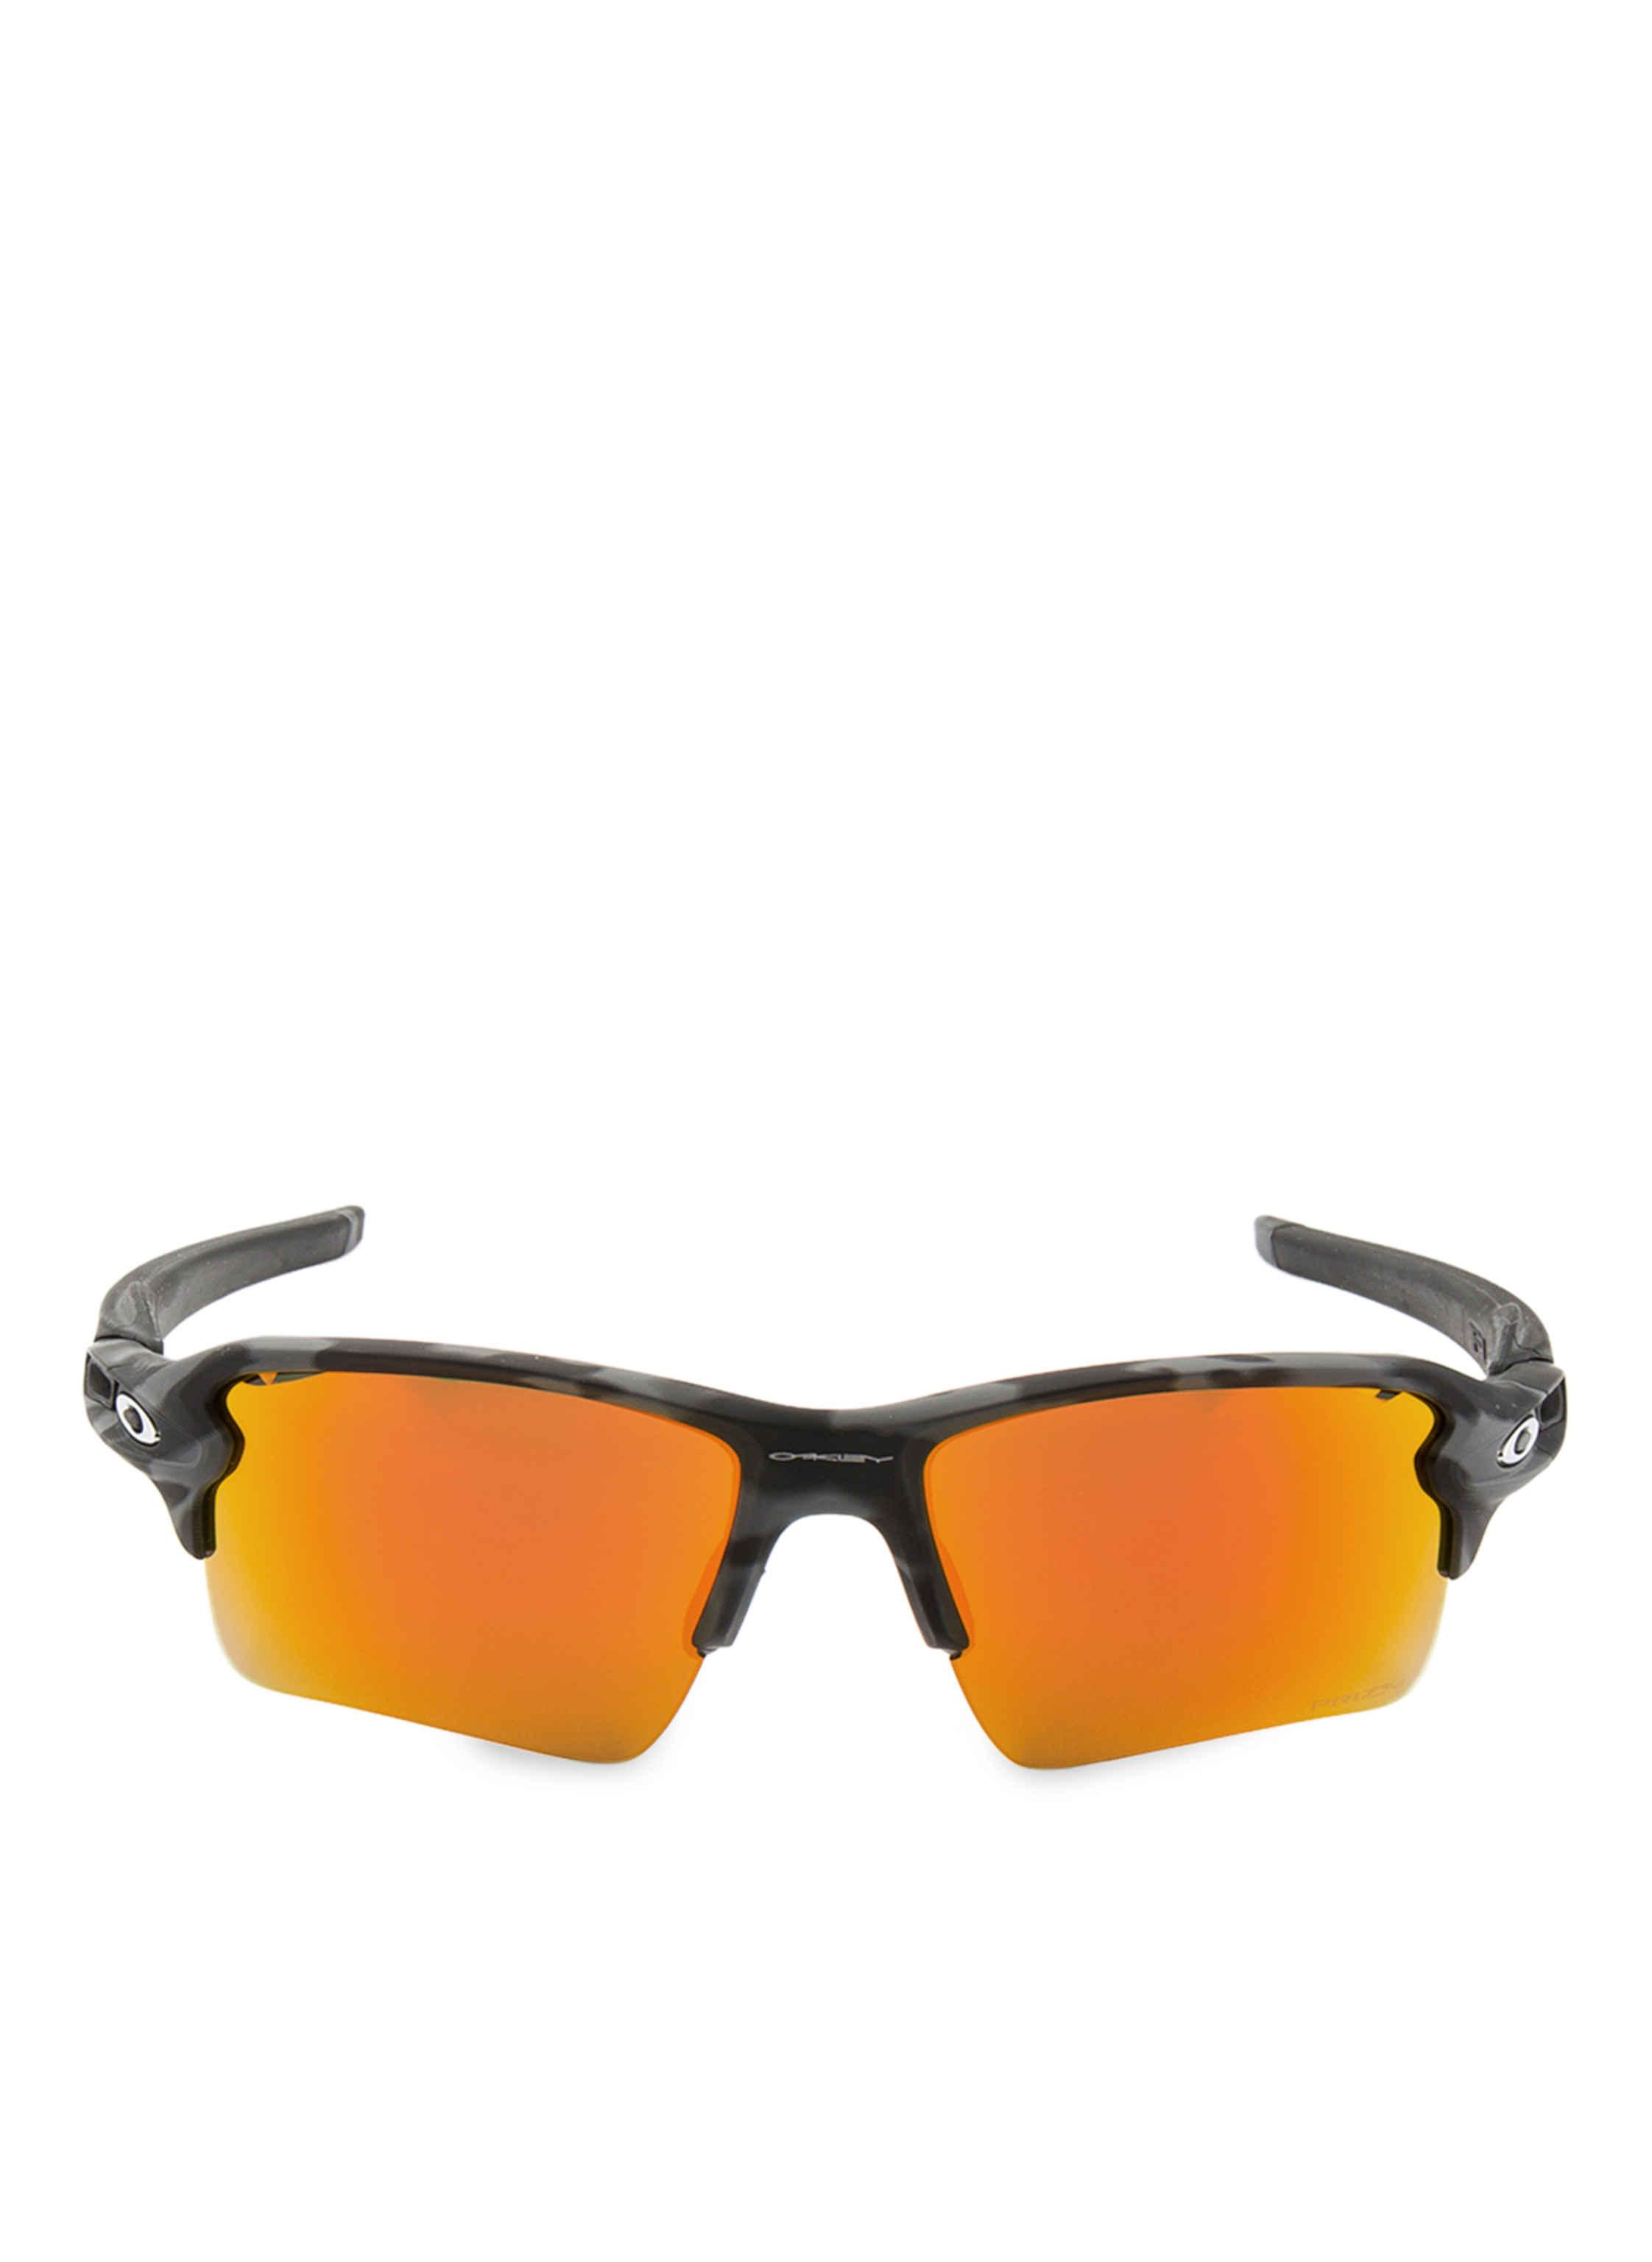 Sonnenbrille FLACK 2.0 XL von OAKLEY bei Breuninger kaufen